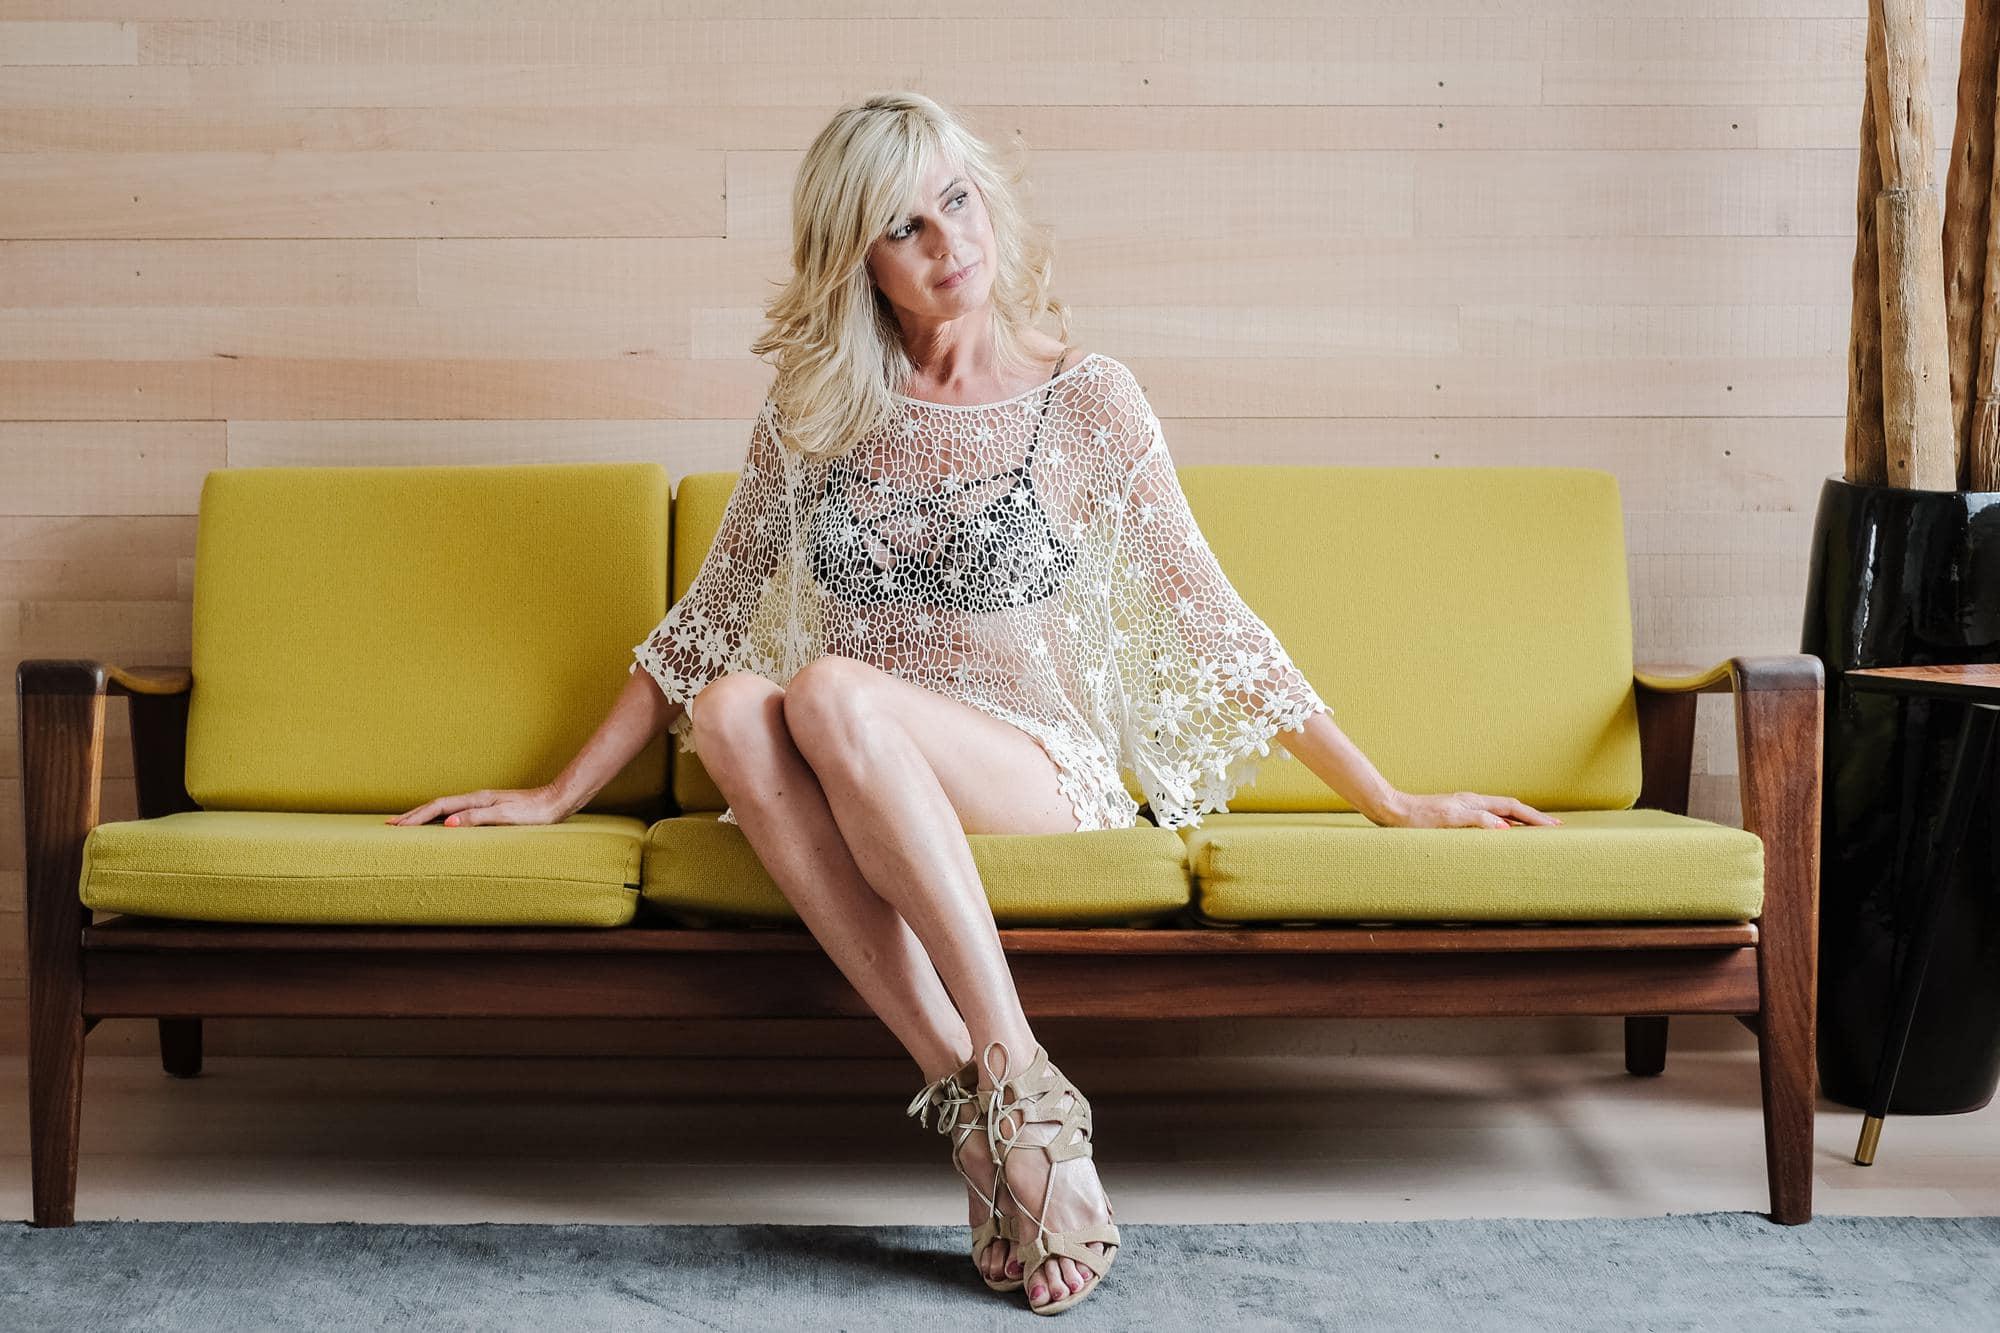 Inge Moernhout, A Secret Story, shoot, makeup artist, celebrity